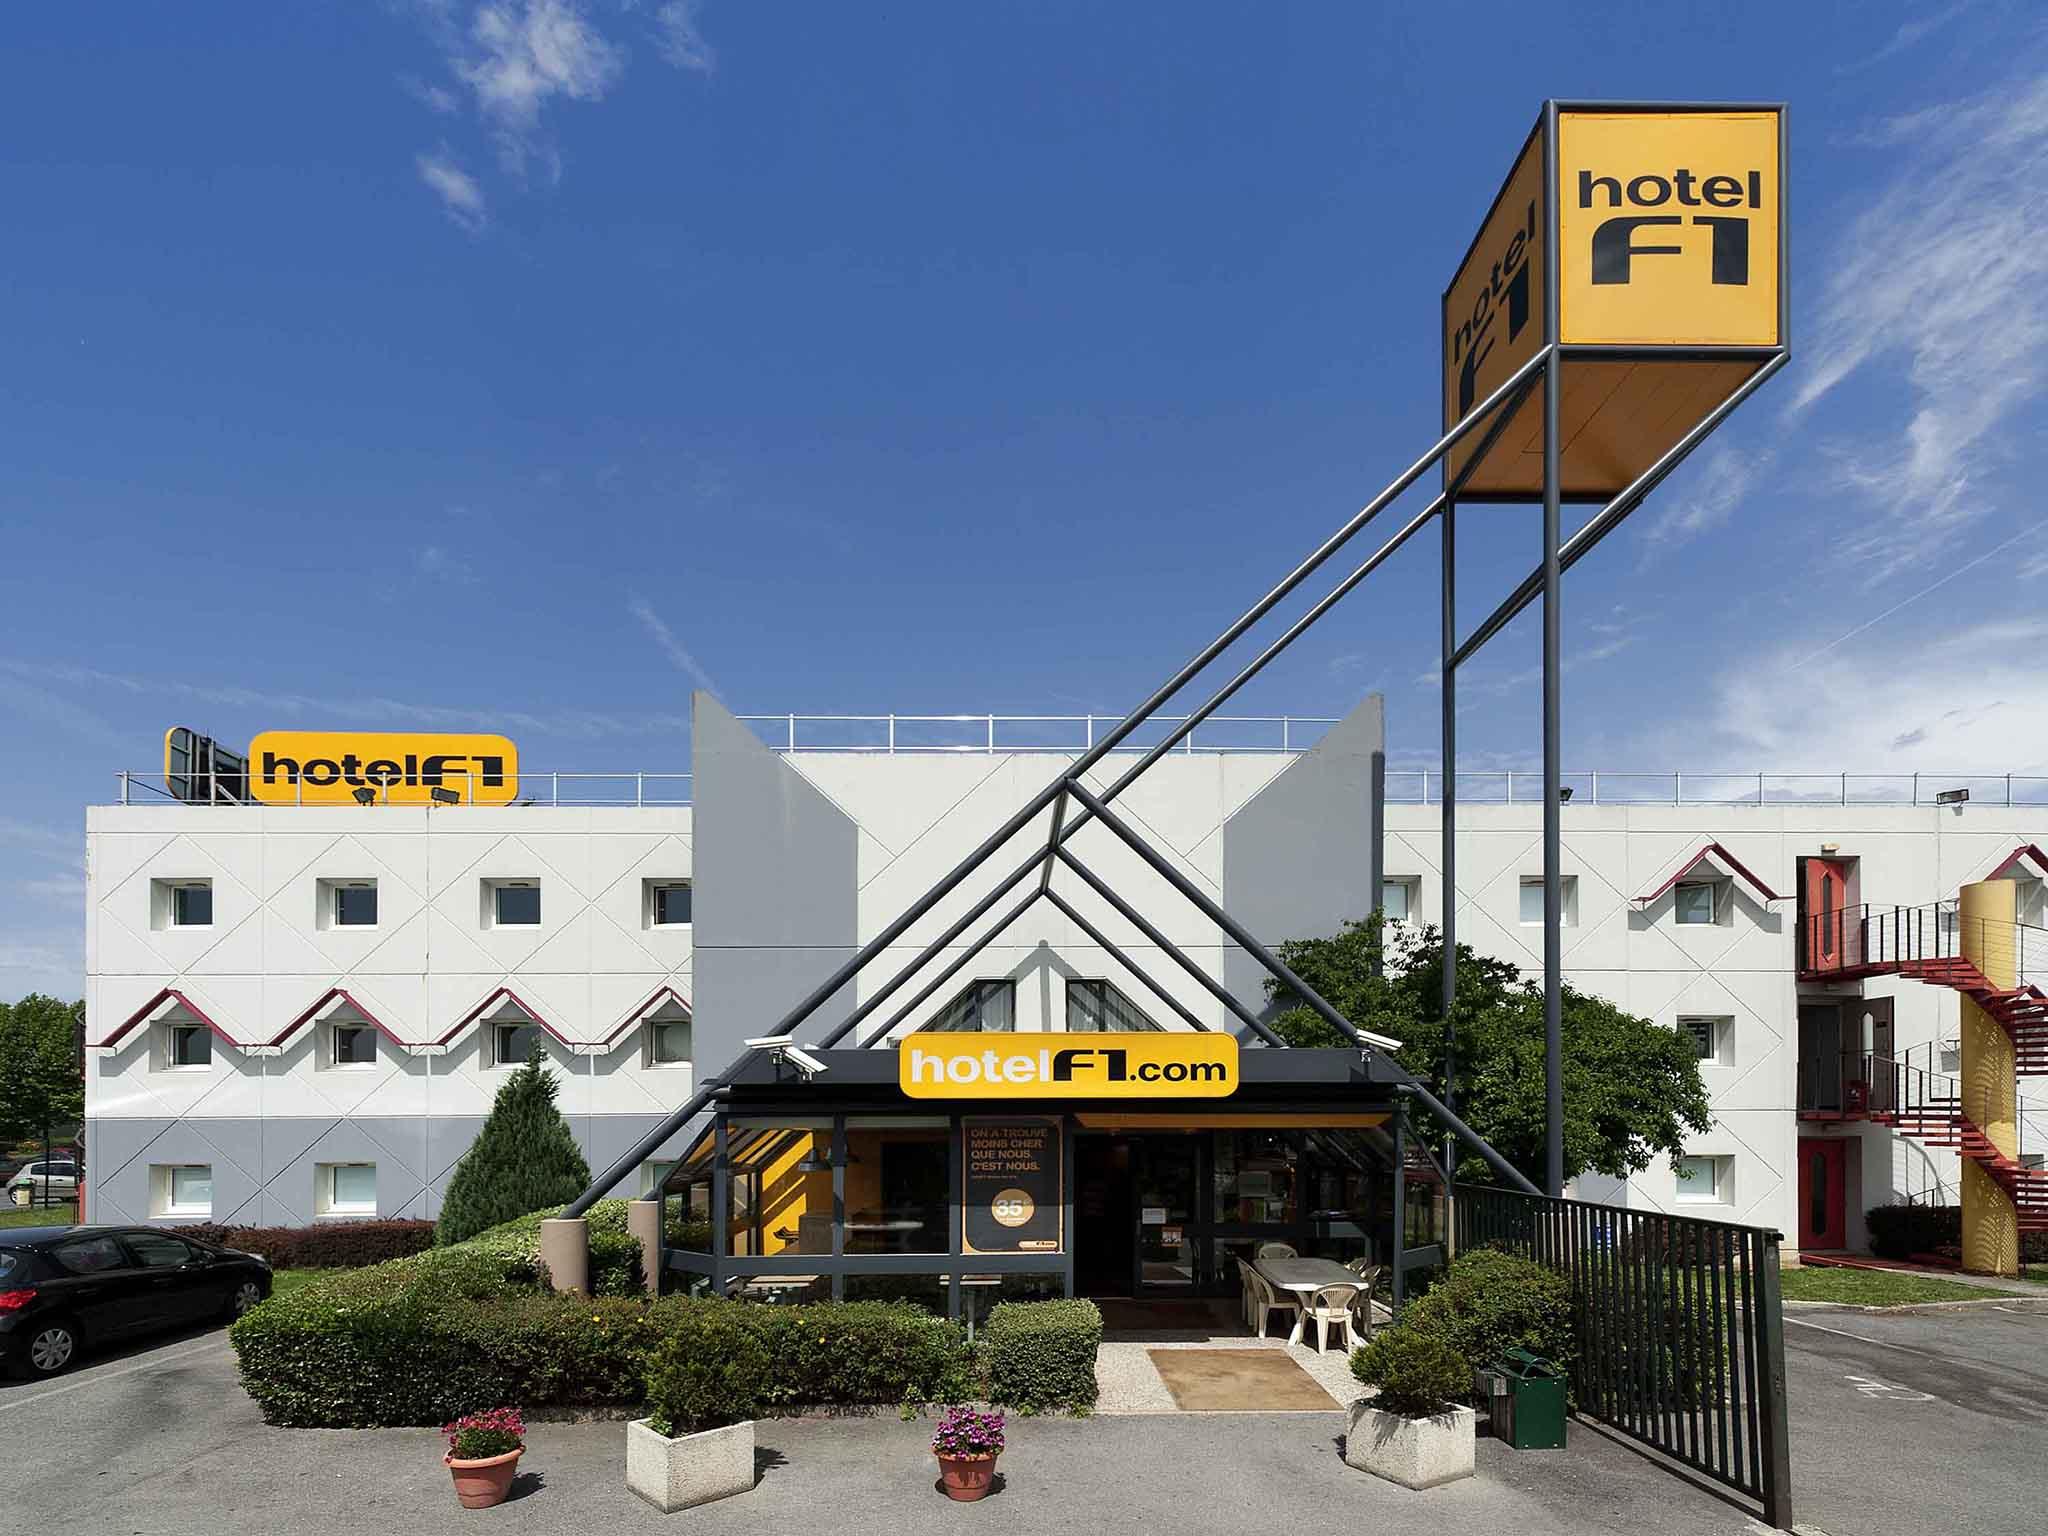 호텔 – hotelF1 Sochaux Montbéliard